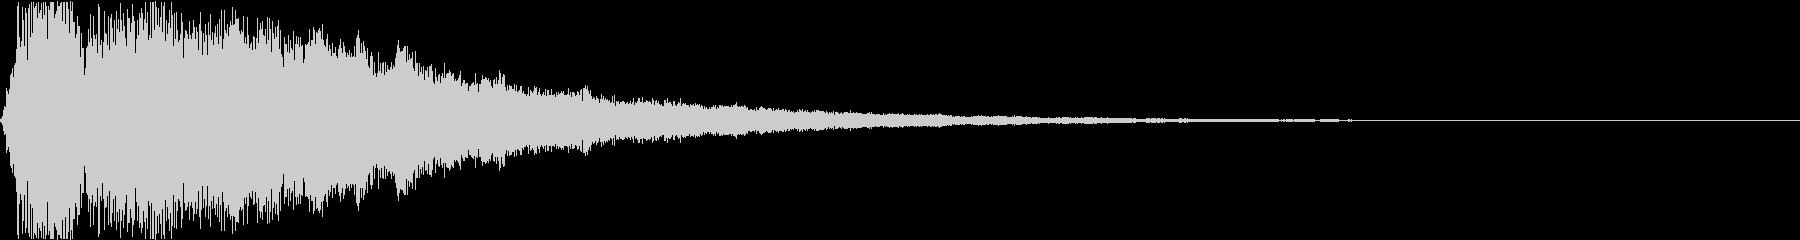 キュイン ギュイーン シャキーン 01の未再生の波形